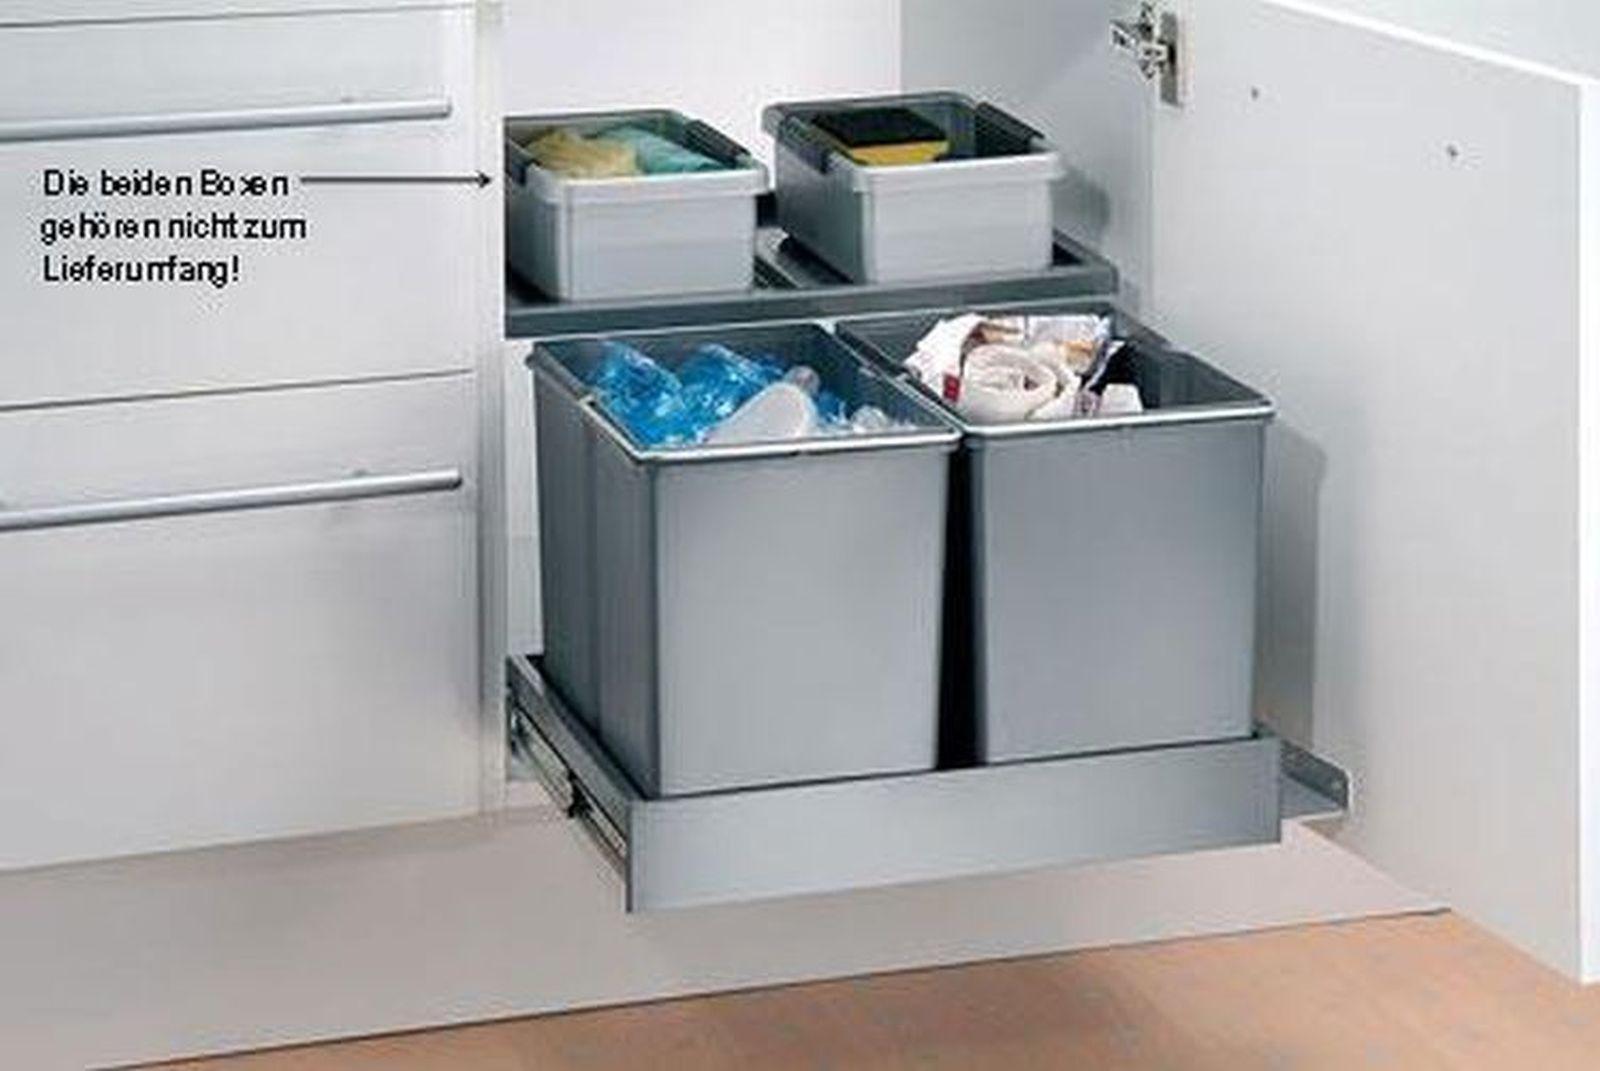 Full Size of Auszug Mülleimer Ikea Wesco Profiline Bio Trio 30dt Einbau Abfallsammler 24 L Mlleimer Betten Bei Küche Kosten Kaufen Sofa Mit Schlaffunktion Miniküche Wohnzimmer Auszug Mülleimer Ikea